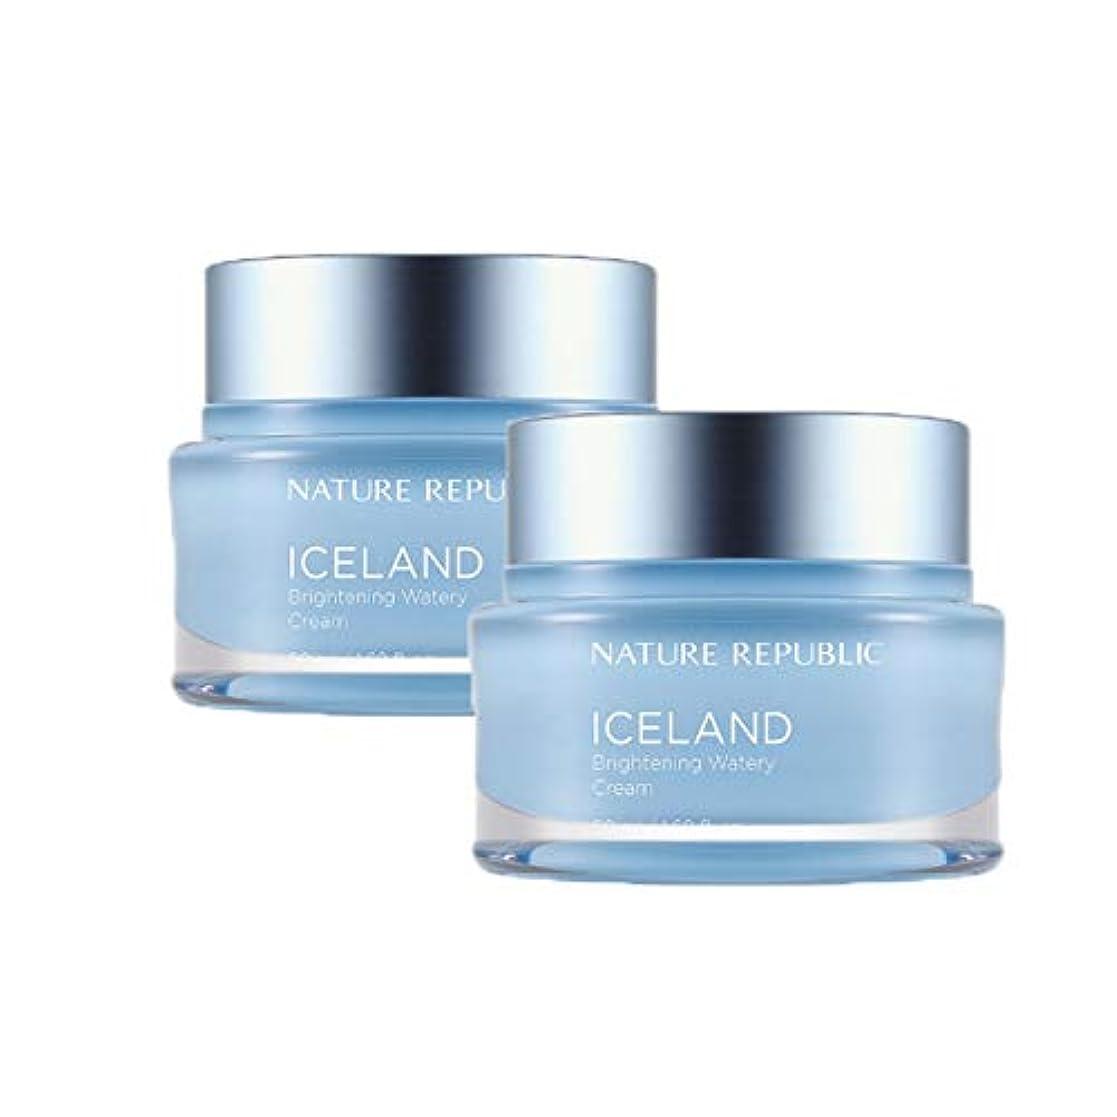 ネイチャーリパブリックアイスランドブライトニング水分クリーム50mlx2本セット韓国コスメ、Nature Republic Iceland Brightening Watery Cream 50ml x 2ea Set...